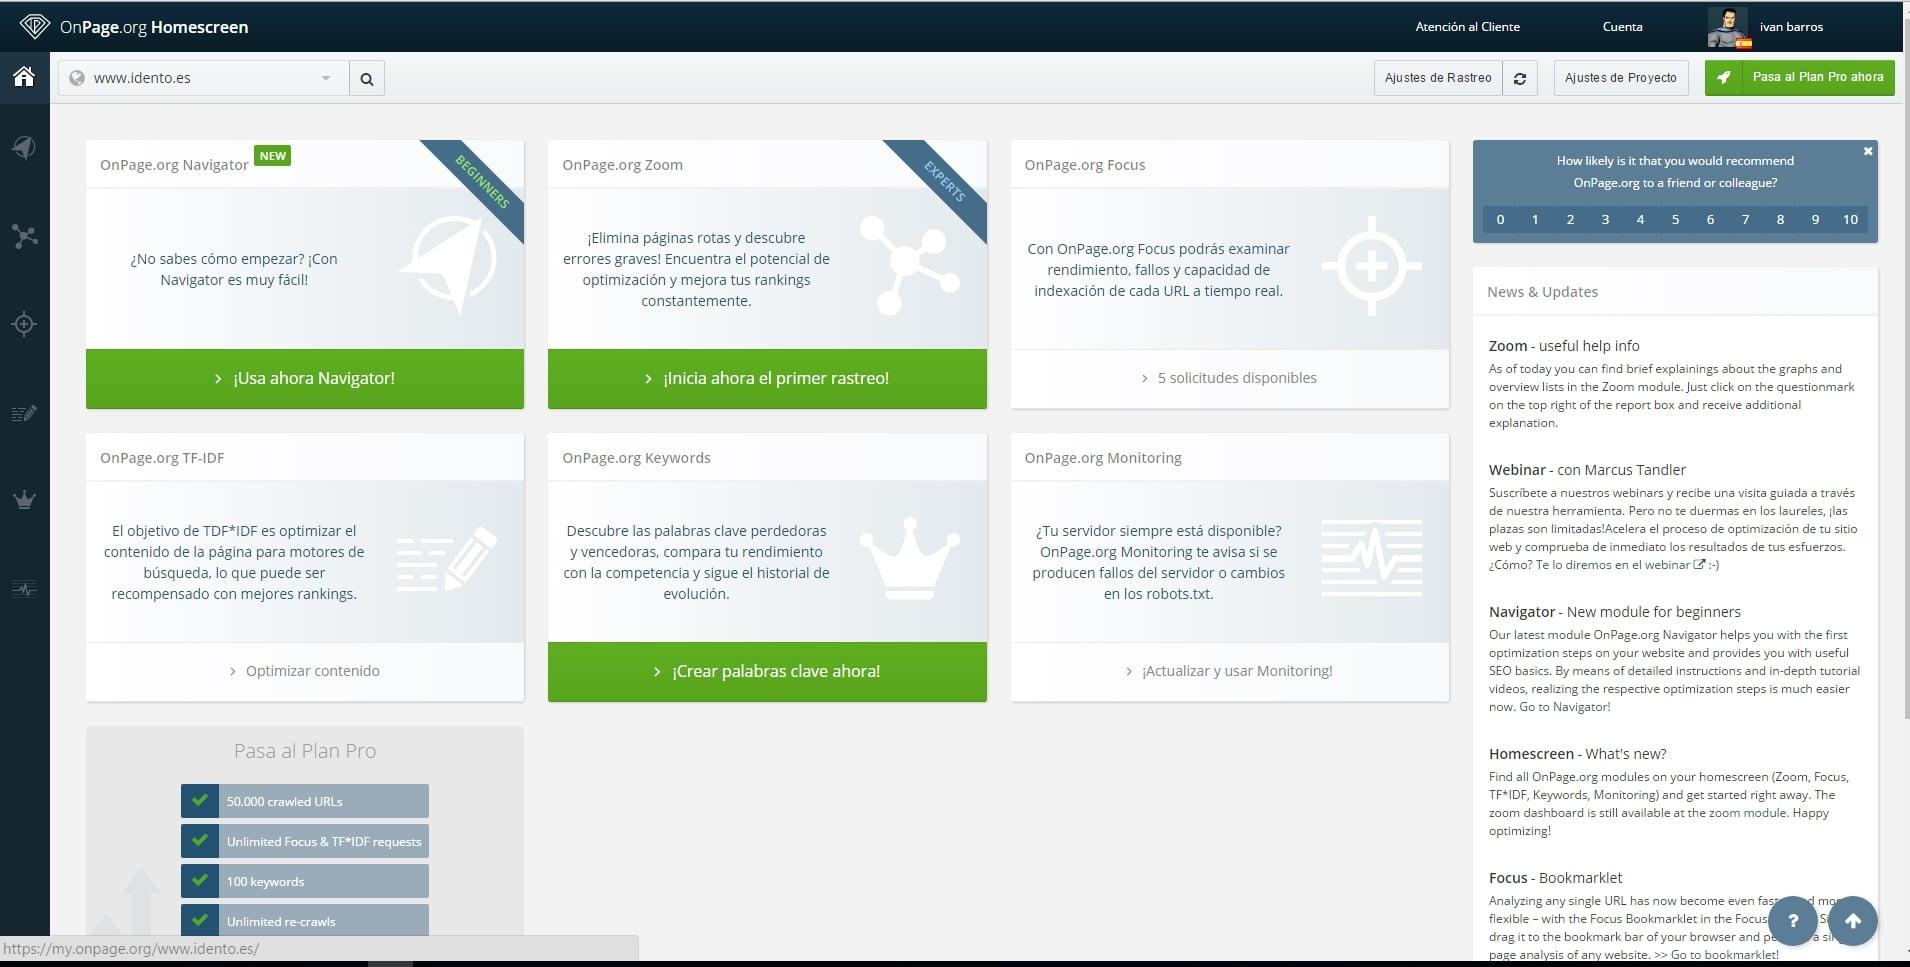 Herramientas SEO - Análisis Competencia y Backlinks   ONPage.org